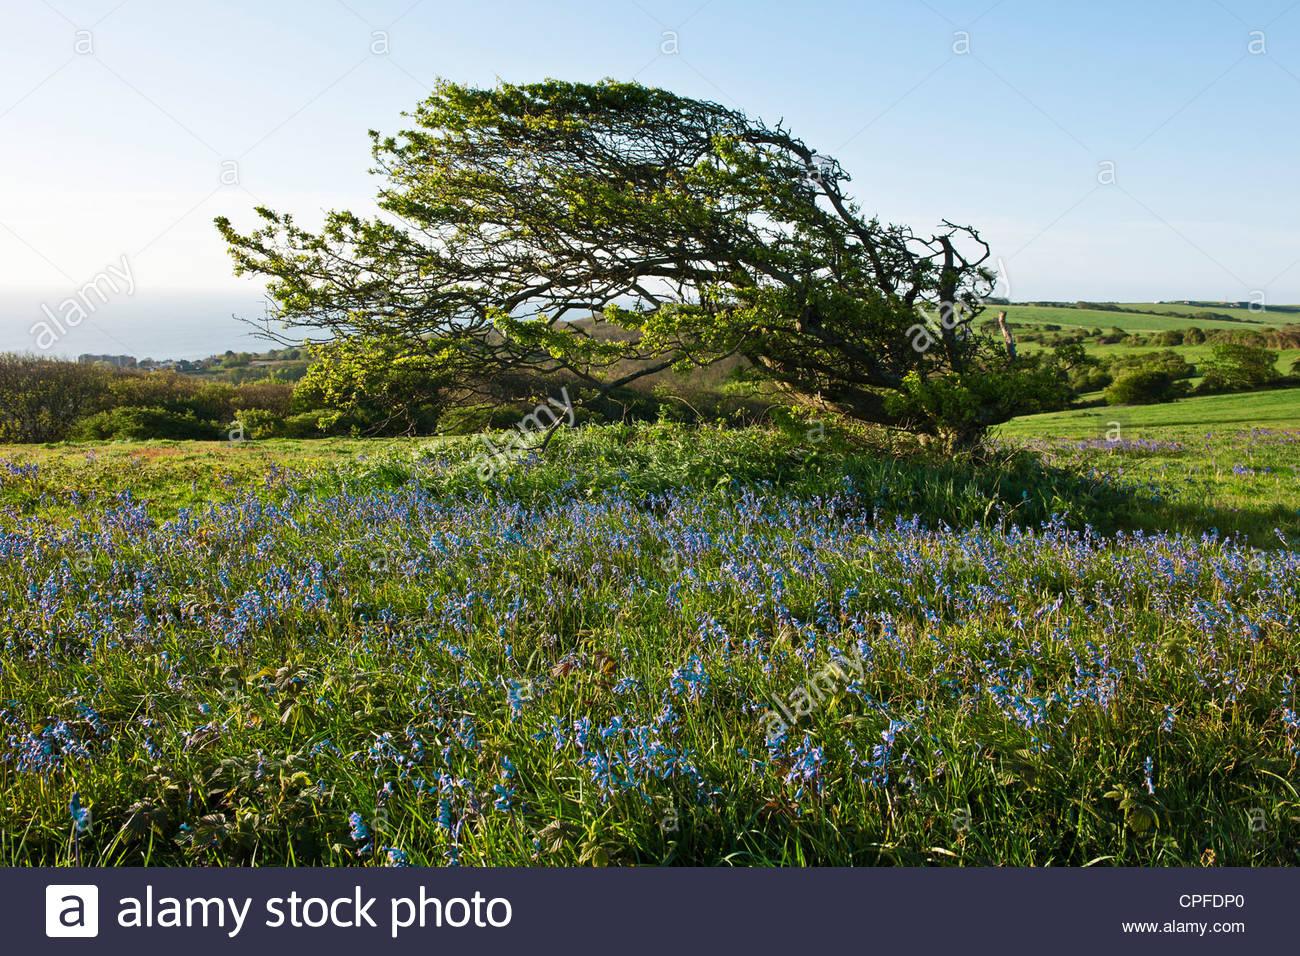 El viento barrió hawthron formado afectados árboles Warren Hill East Sussex primavera paisaje puede amanecer Imagen De Stock